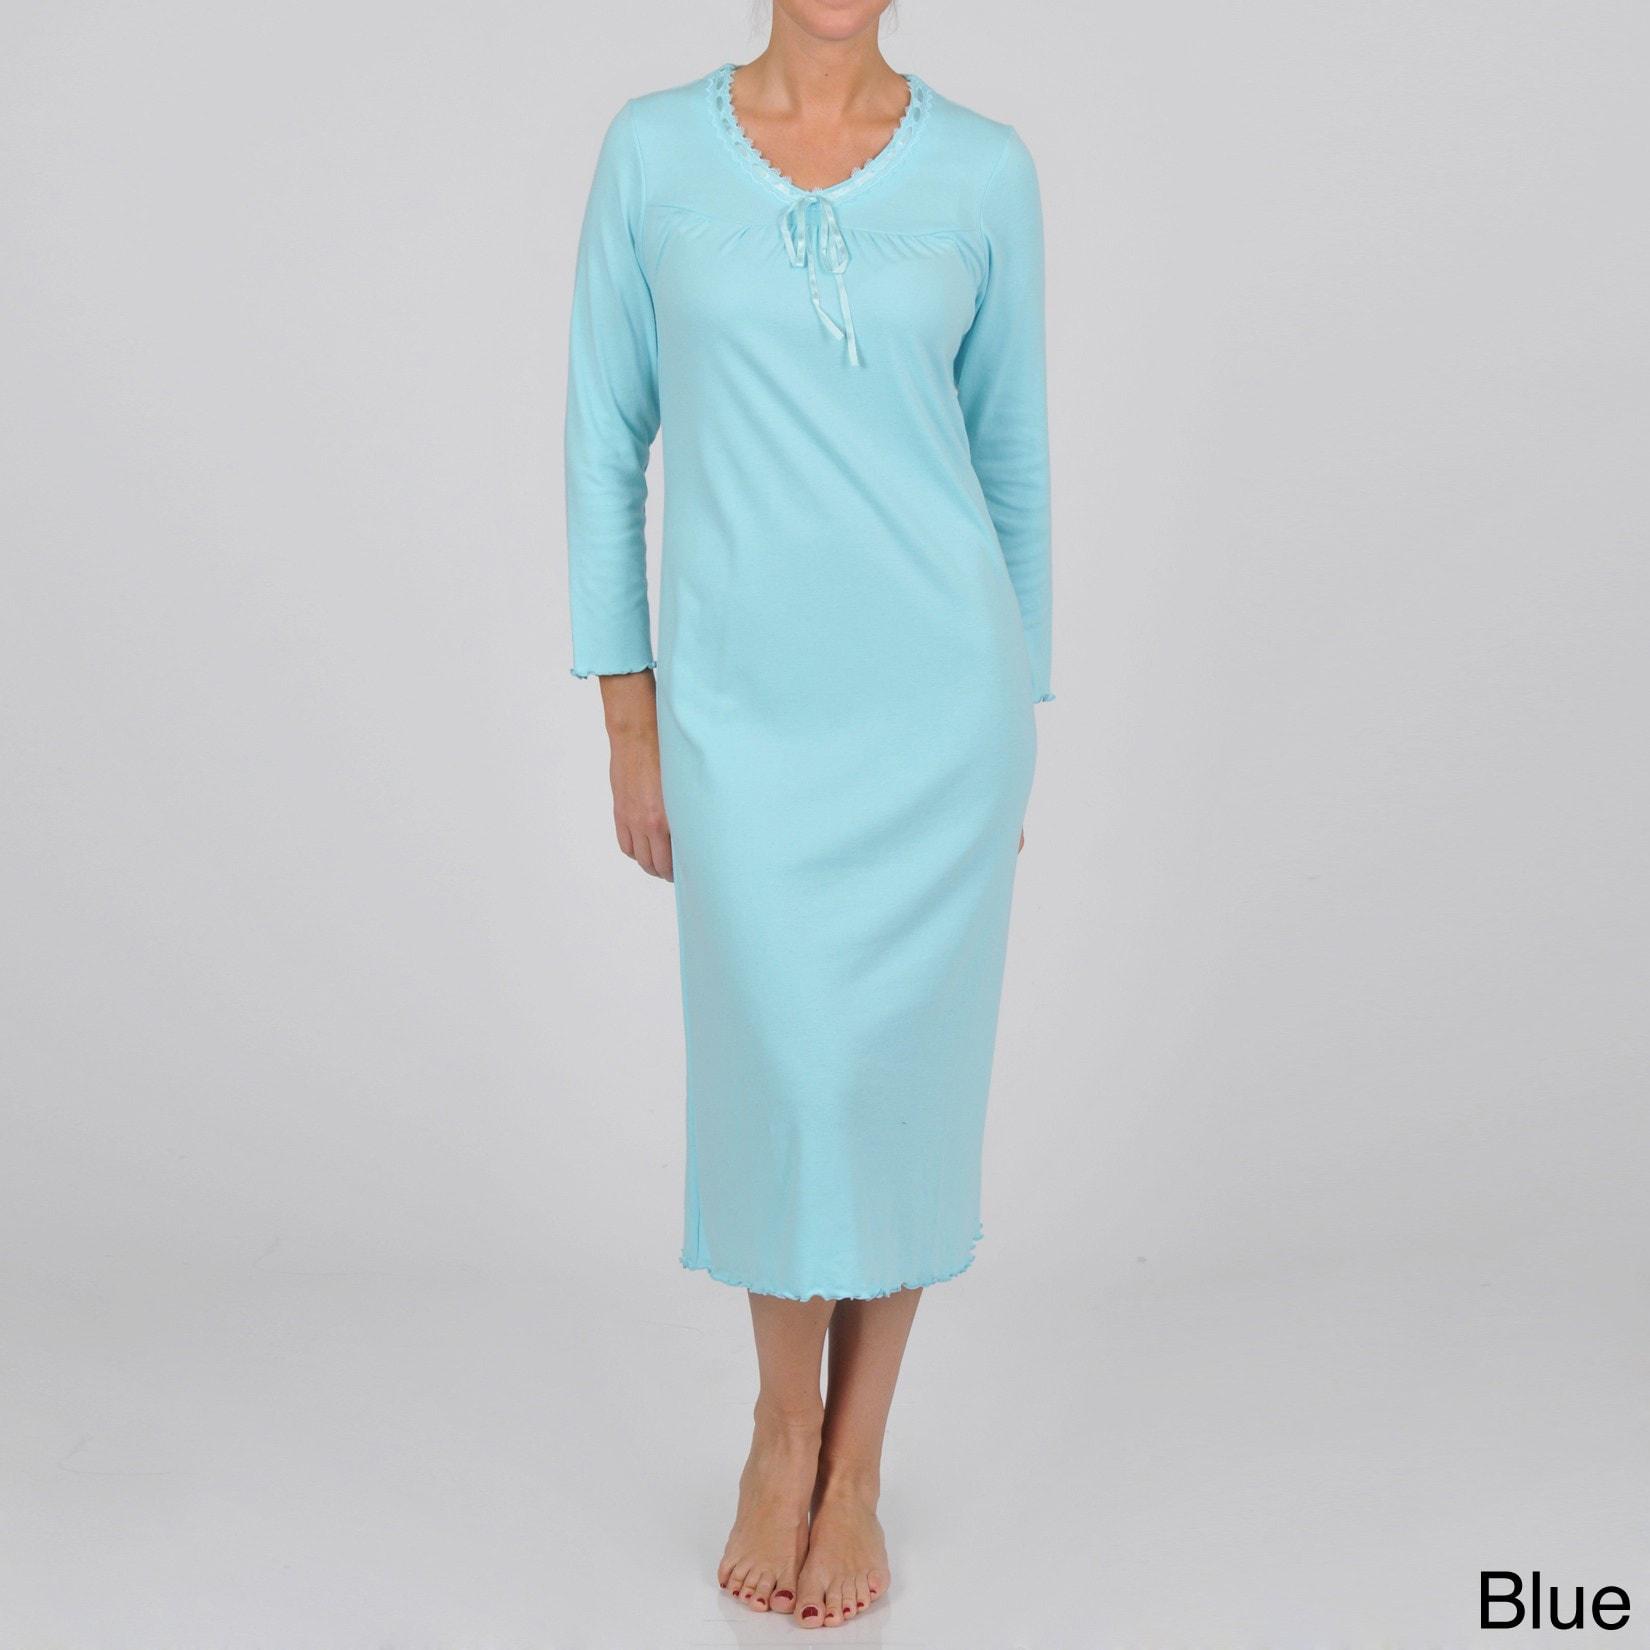 9392864f755 La Cera Women s Plus Size Long Sleeve Scoop Neck Nightgown